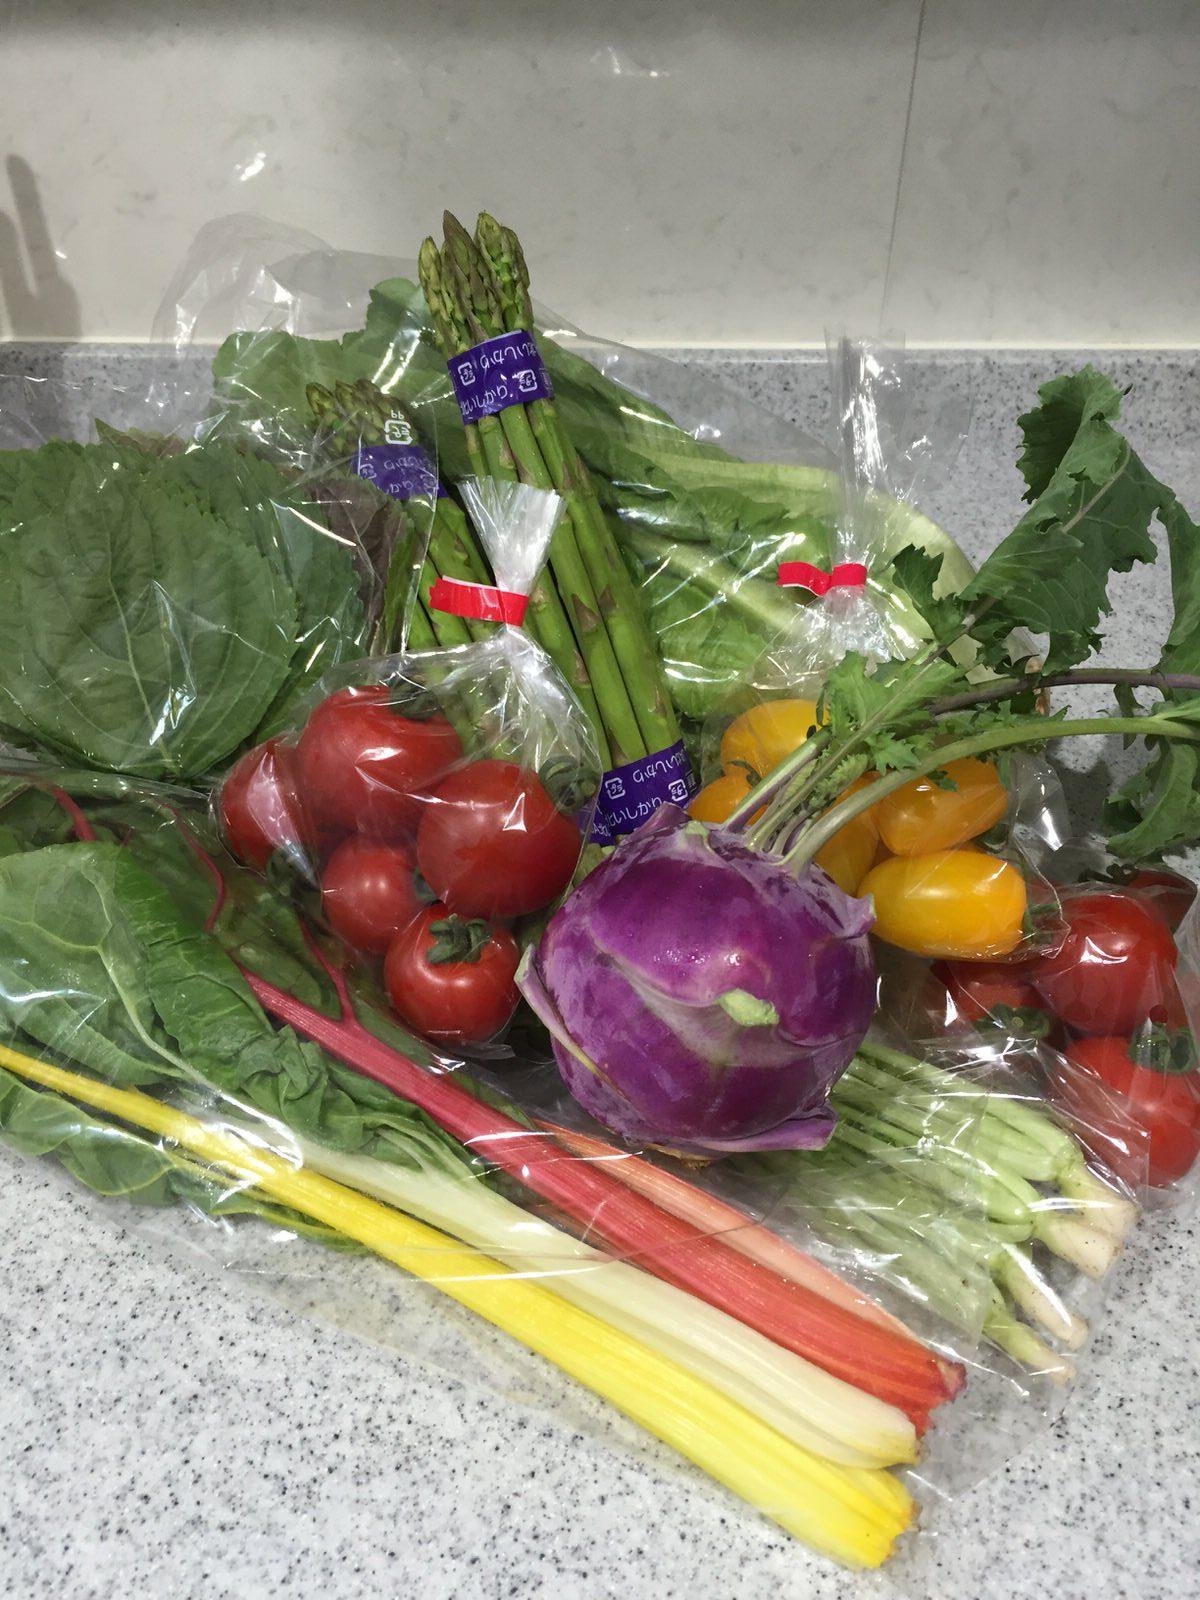 珍しい野菜や少し工夫したレシピまとめ 2016年版。札幌近くの直売所で買った新鮮野菜で作りました。